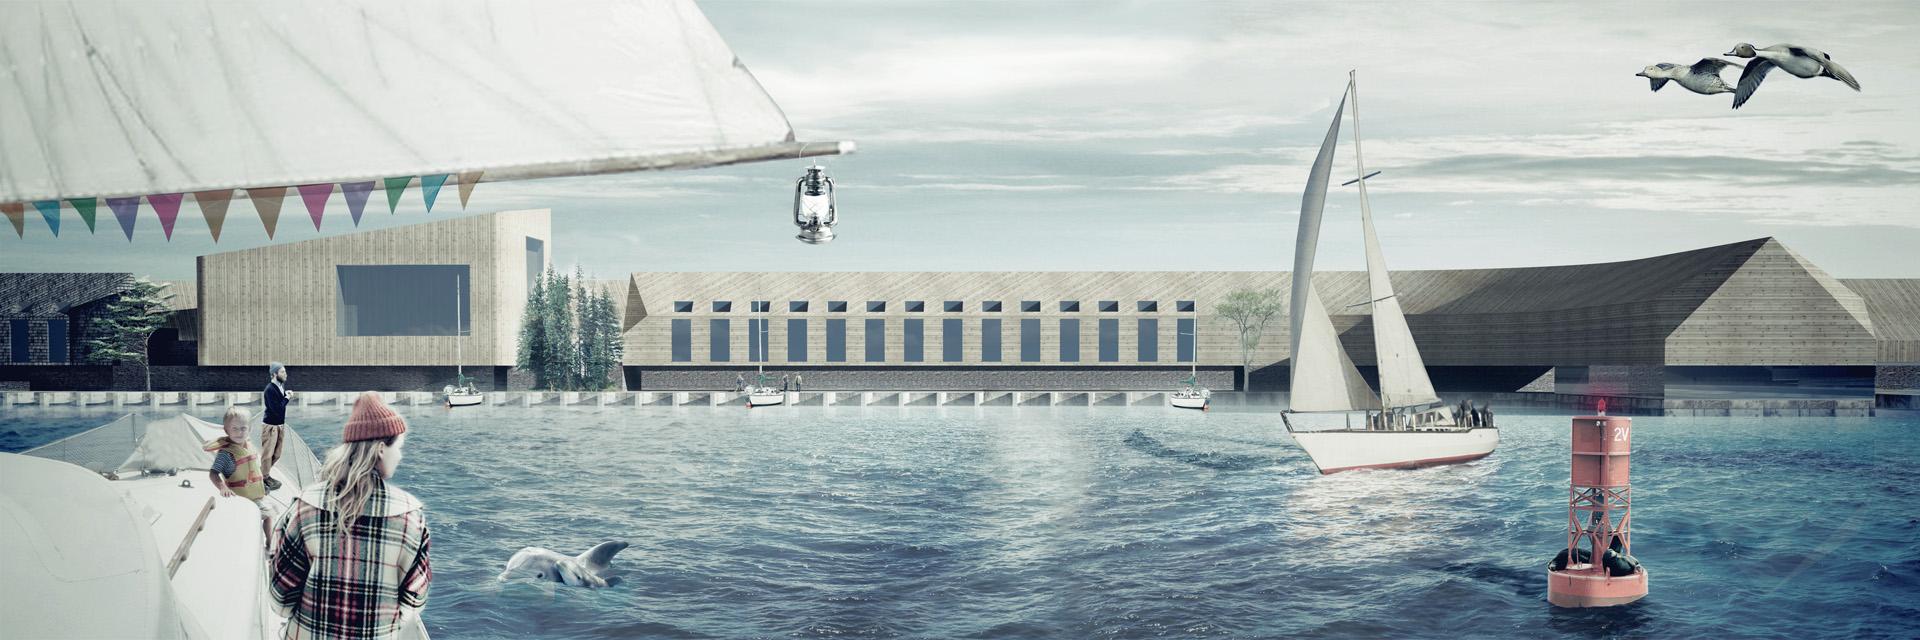 Render progetto Next Helsinki per la riqualificazione del Porto Sud di Helsinki